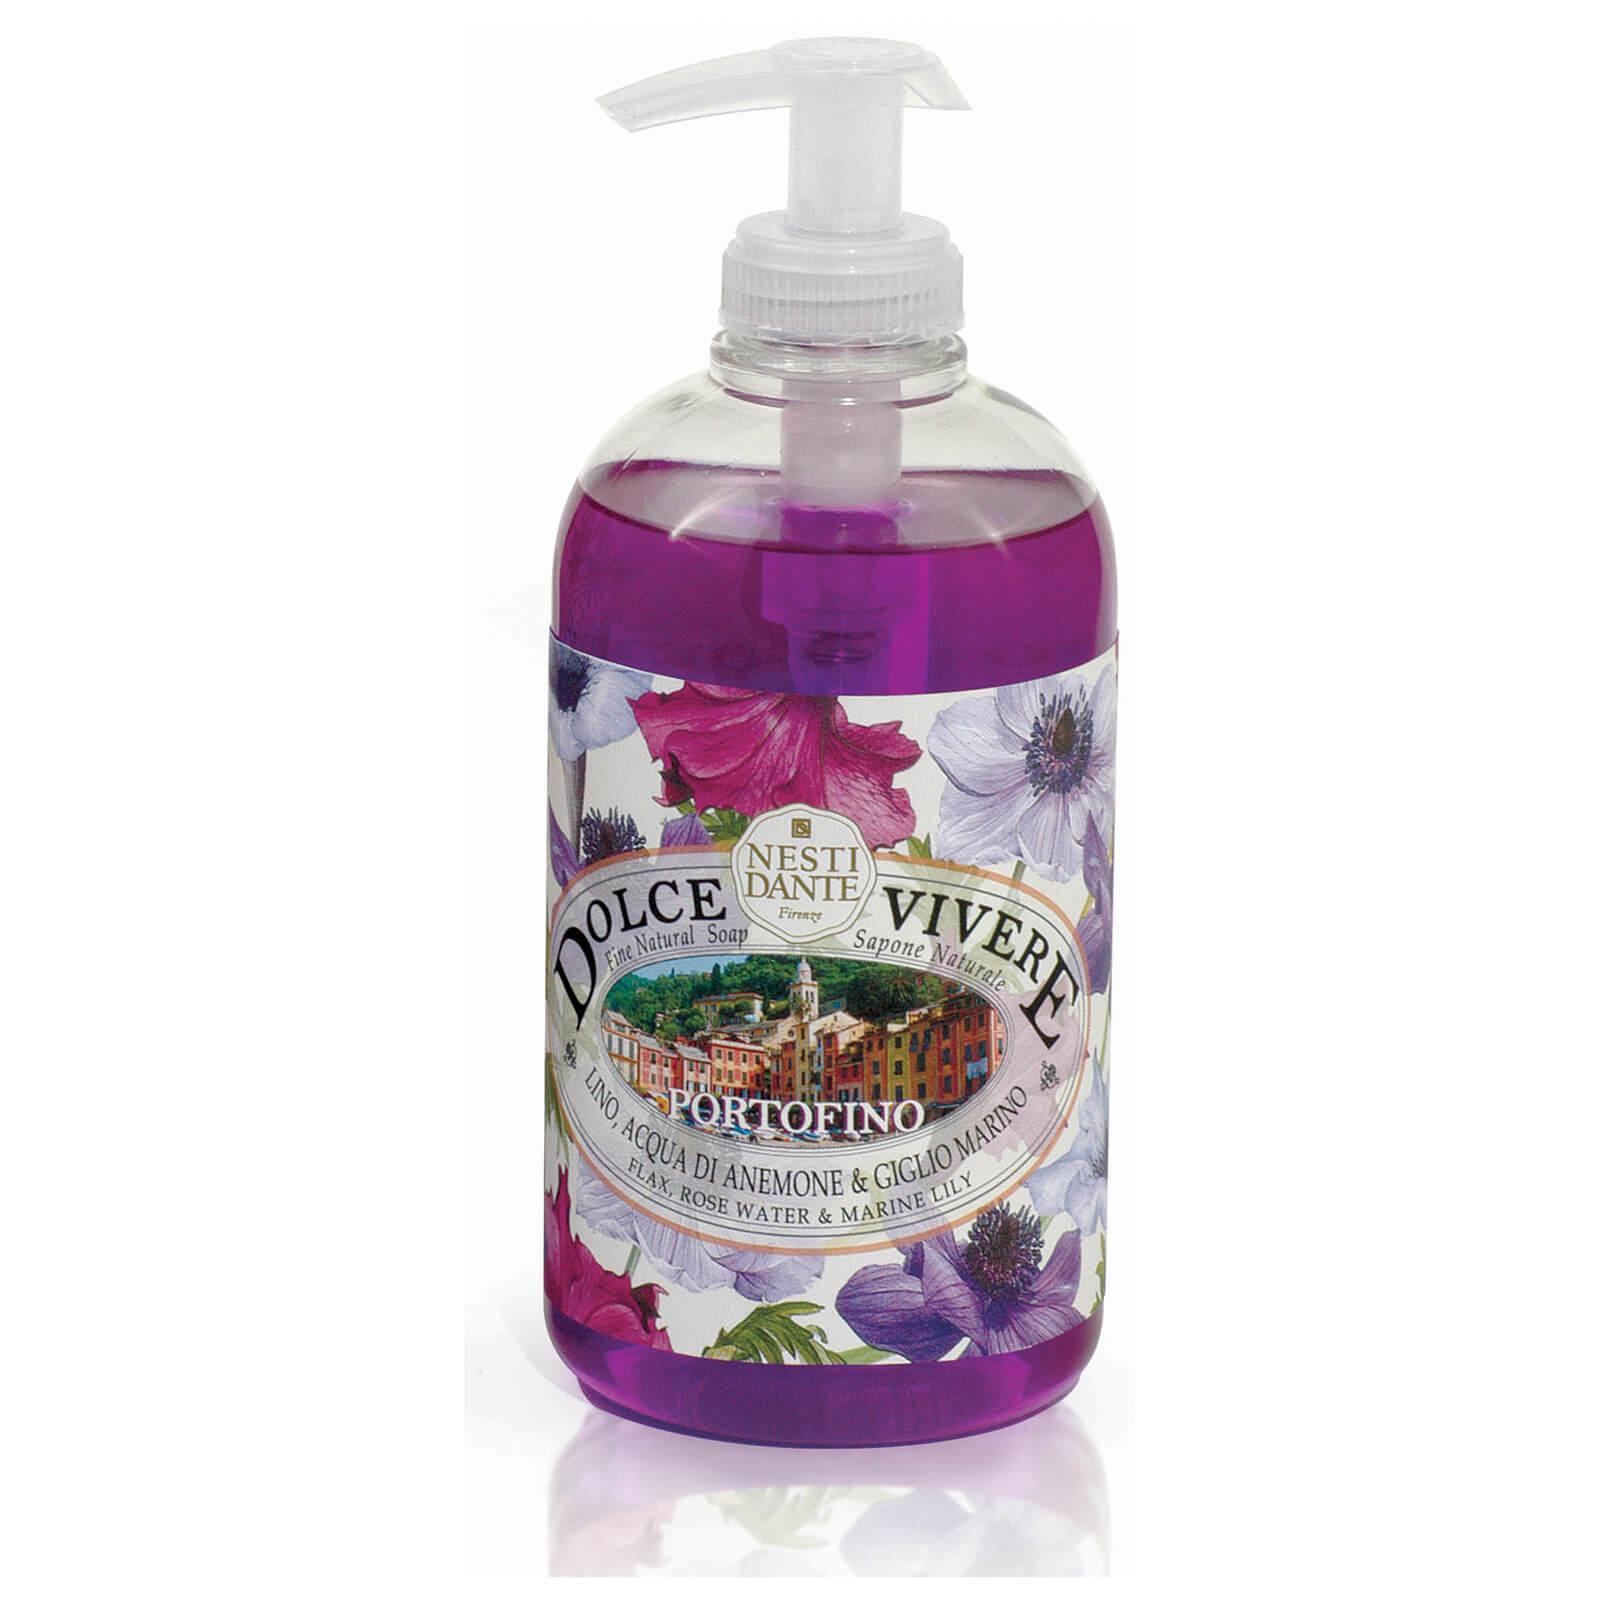 Купить Жидкое мыло серии «Сладкая жизнь: Портофино» Nesti Dante Dolce Vivere Portofino Liquid Soap 500 г